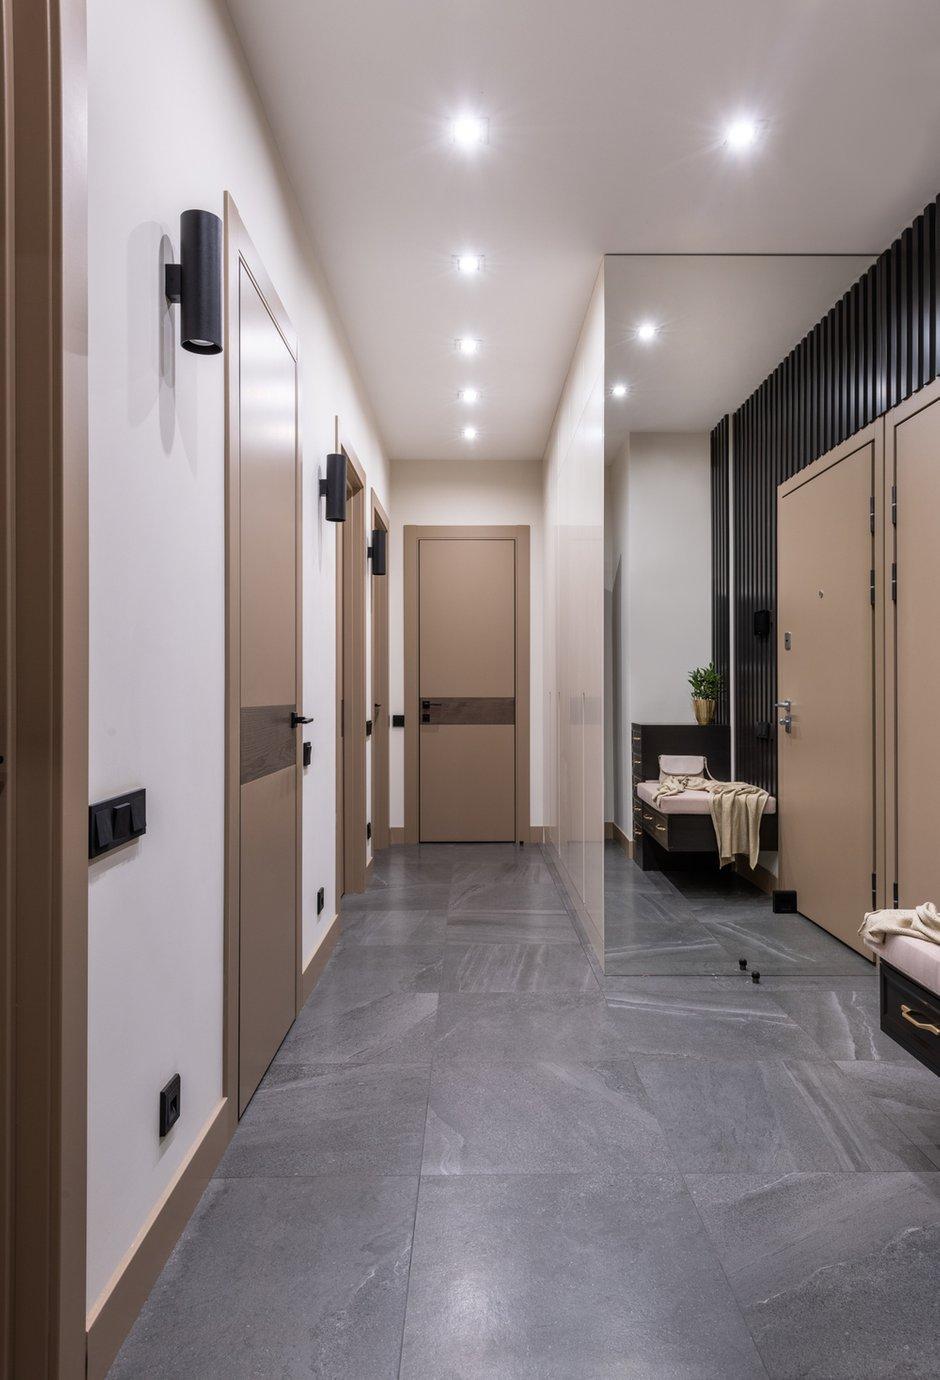 Фотография: Прихожая в стиле Современный, Квартира, Проект недели, Москва, 3 комнаты, 60-90 метров, Карина Римик – фото на INMYROOM